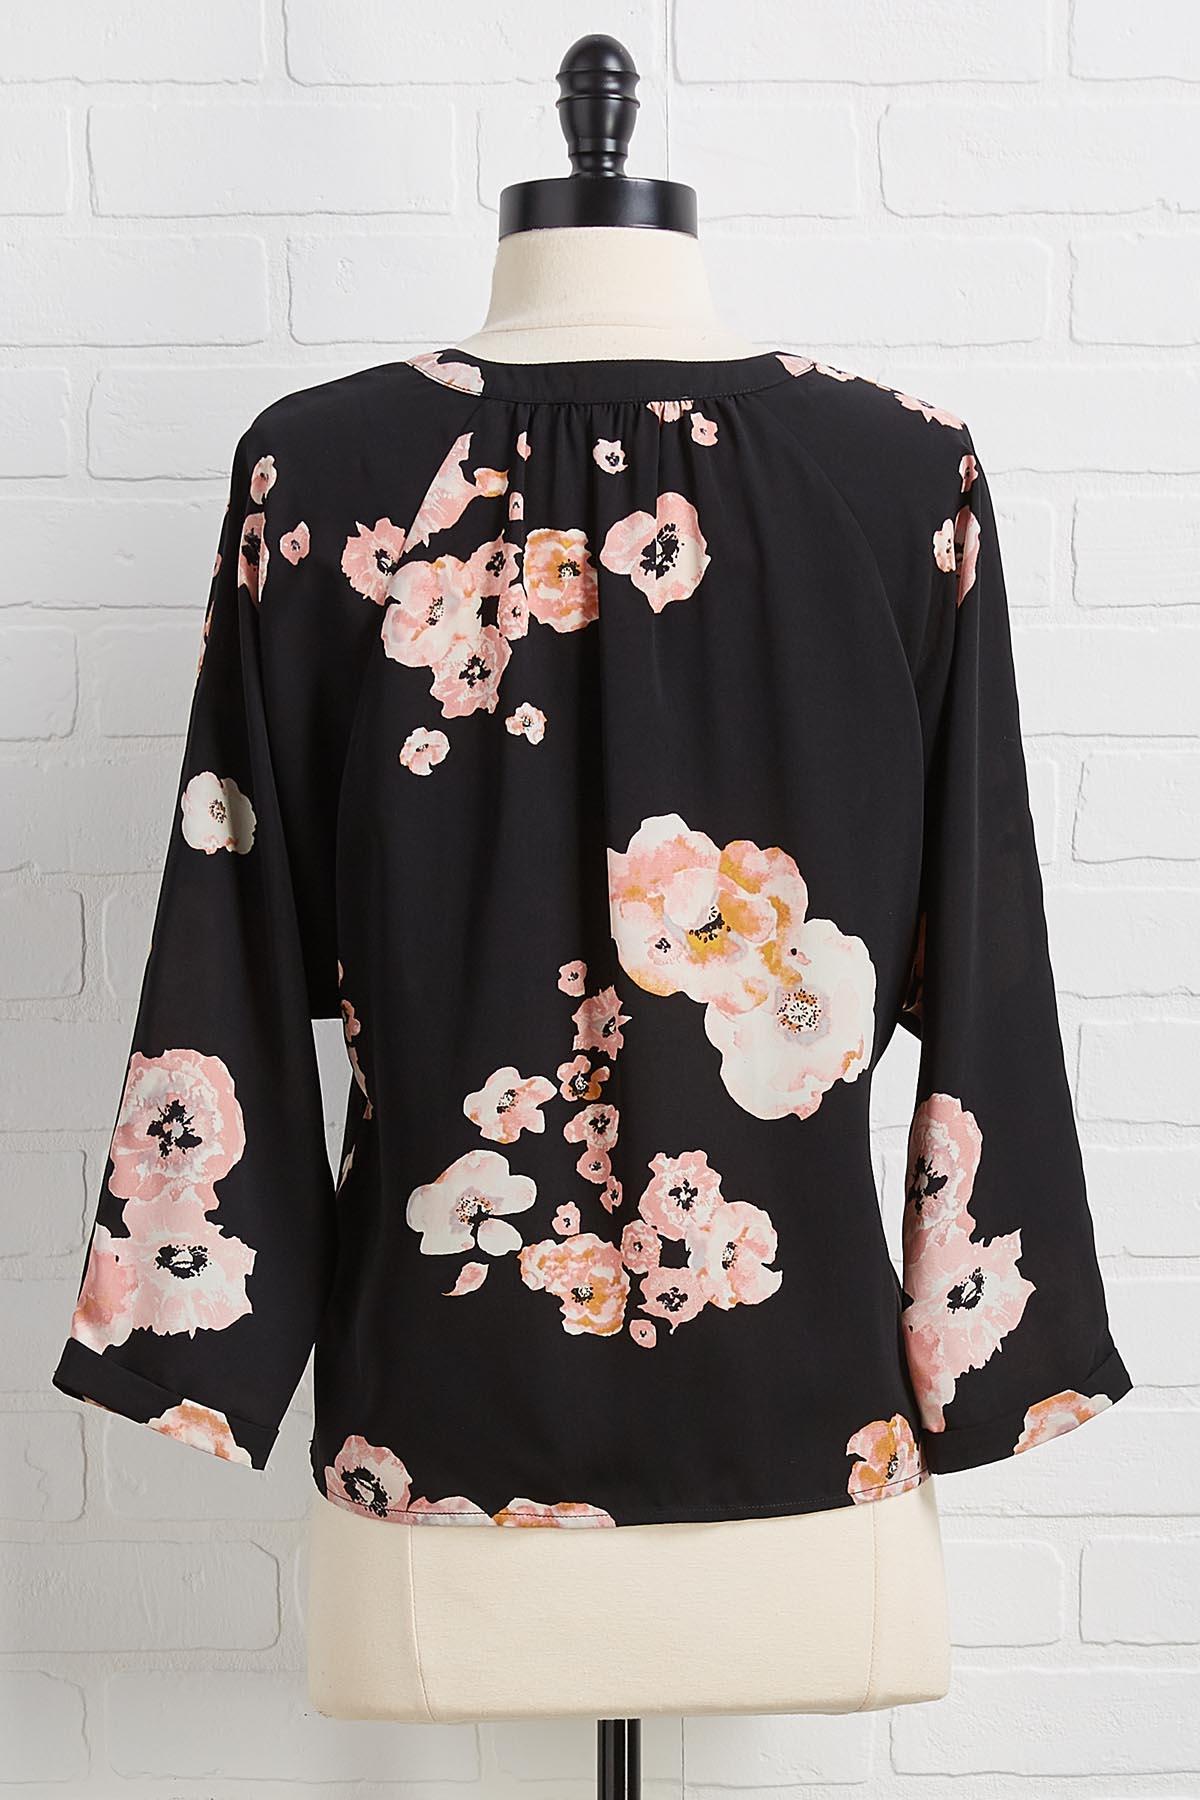 Love Blooms Top